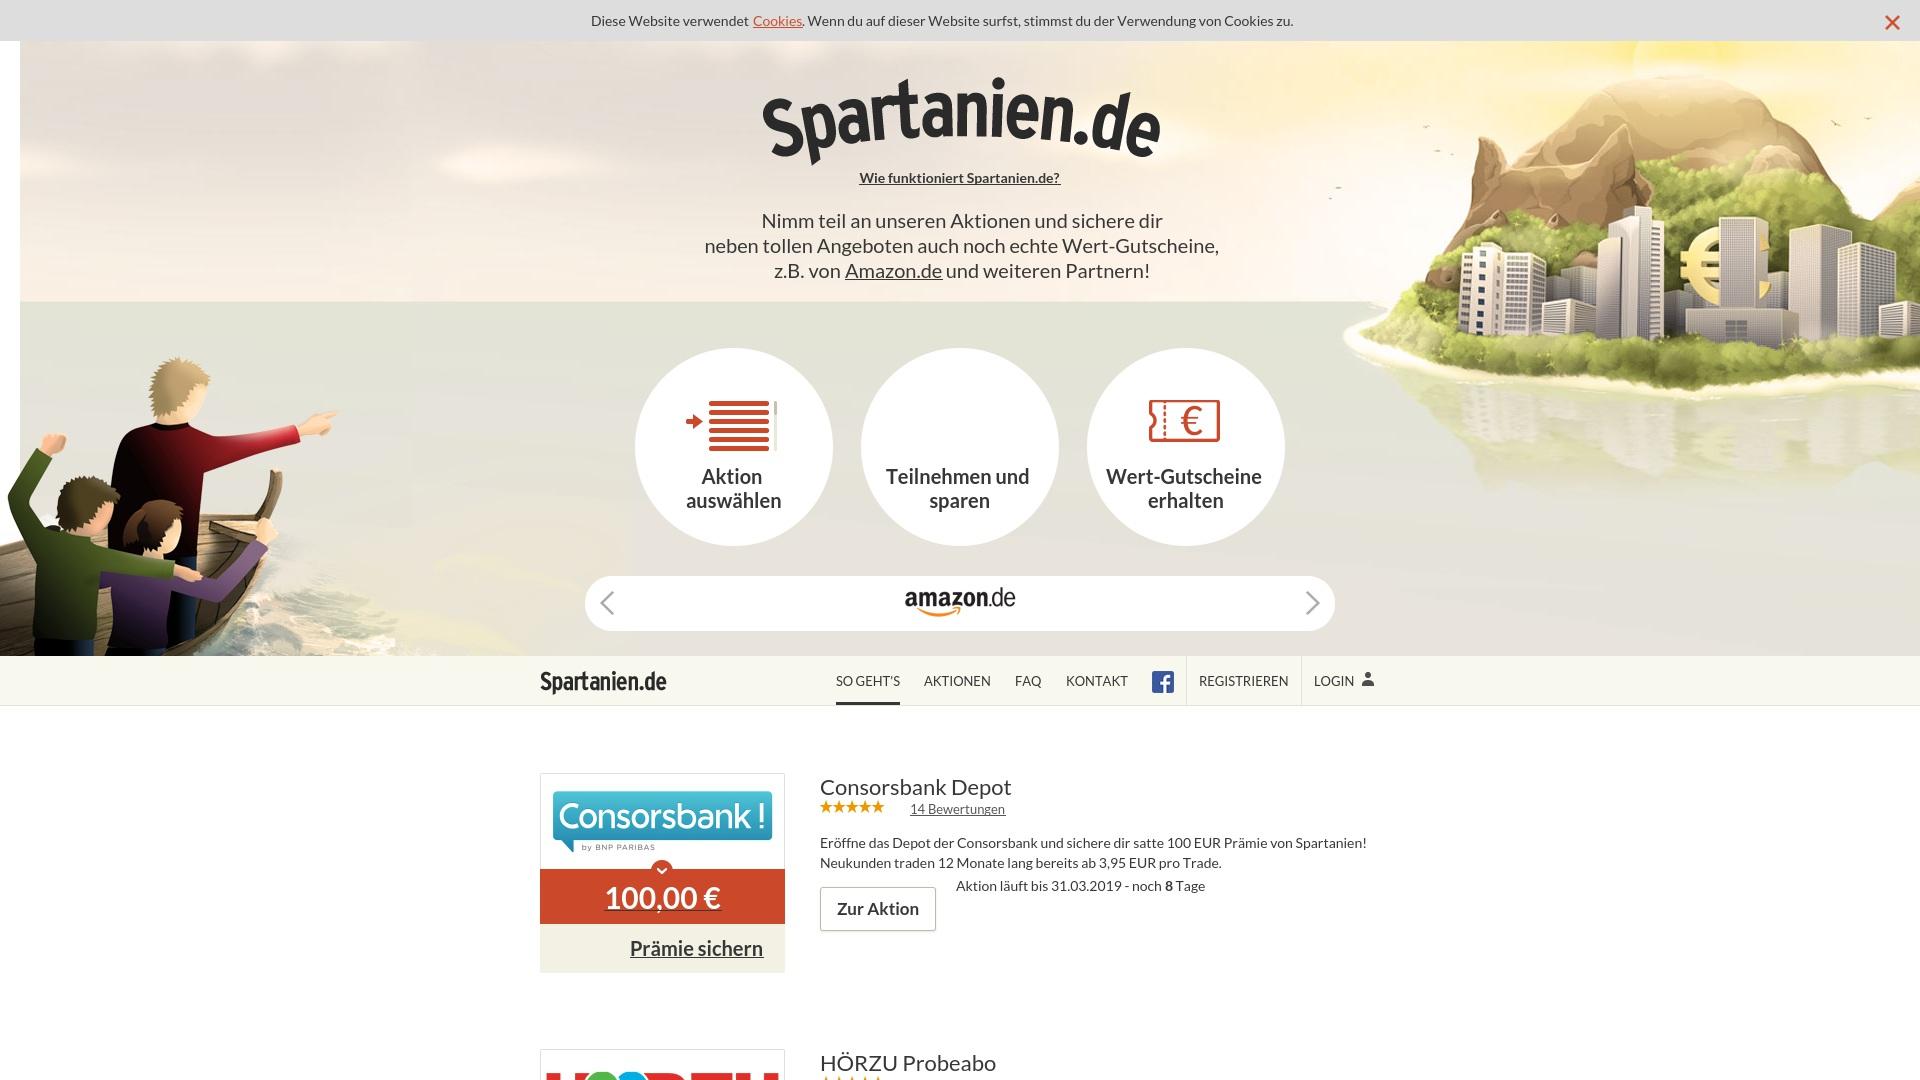 Gutschein für Spartanien: Rabatte für  Spartanien sichern